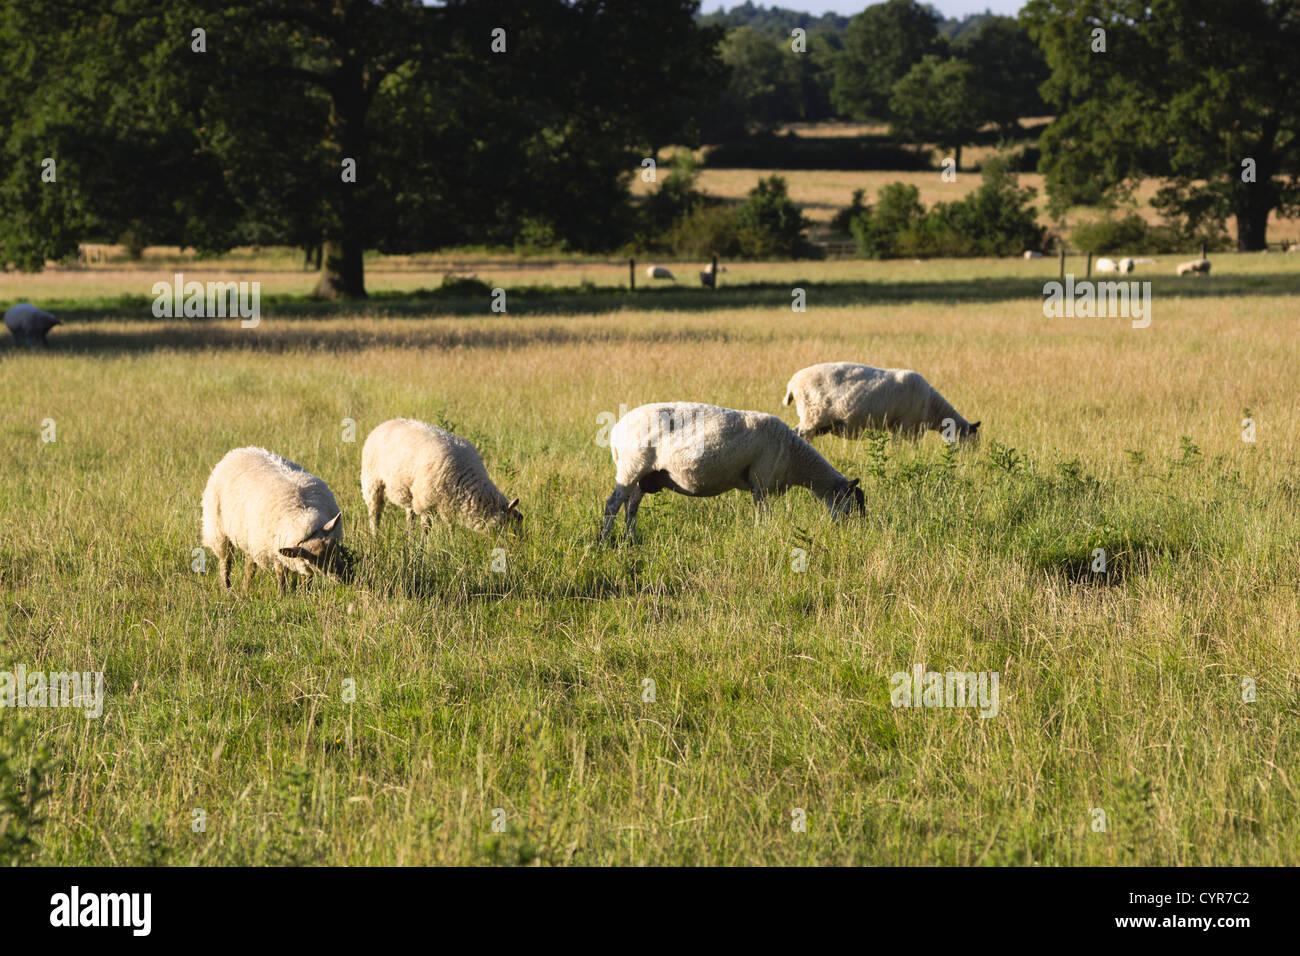 classic english countryside england uk - Stock Image